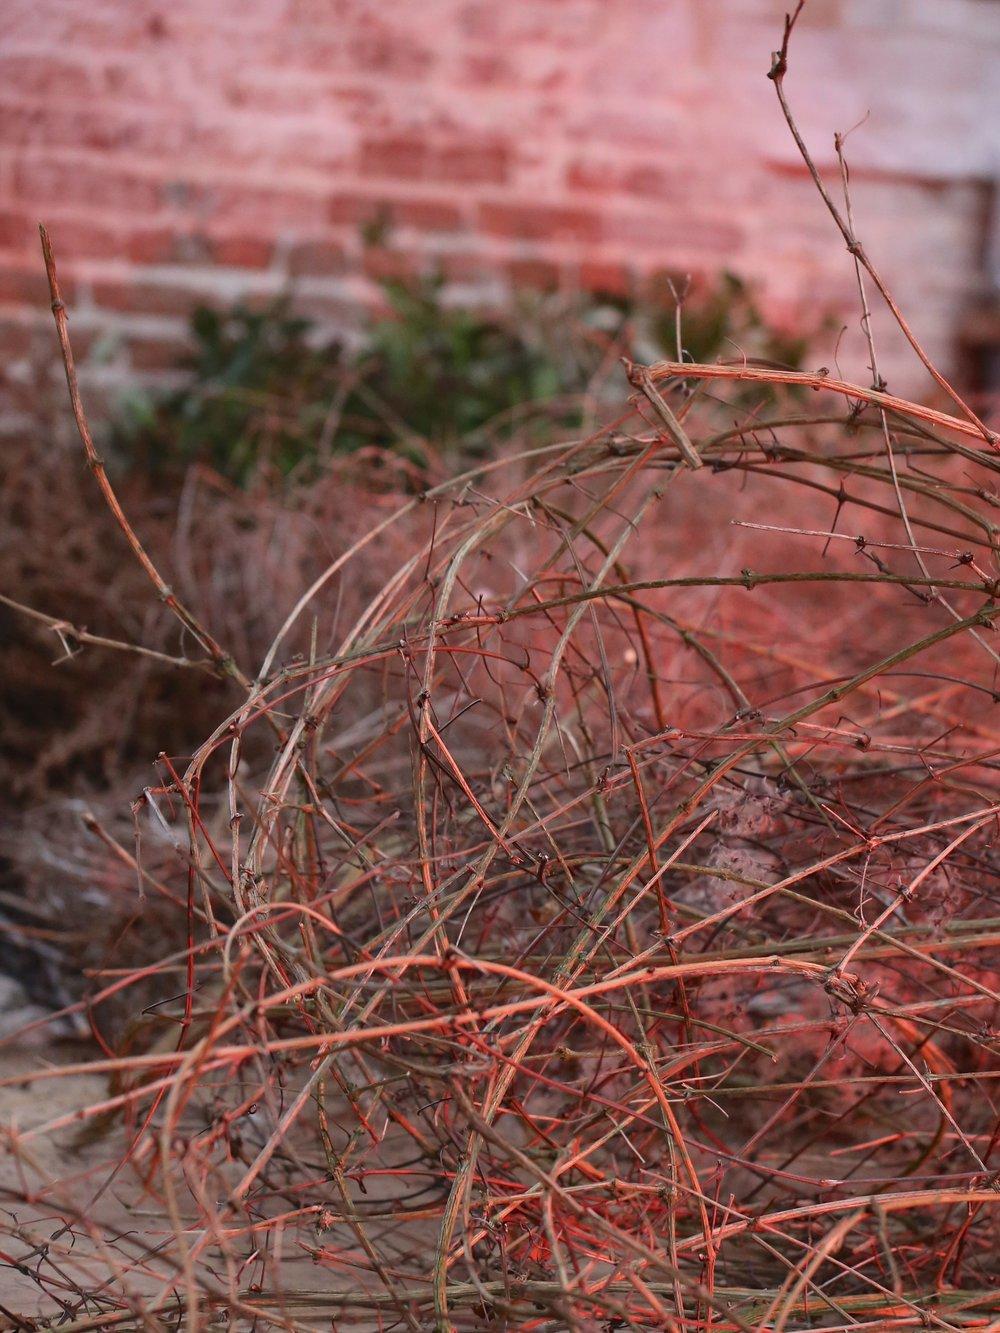 Foraged vines  Image by Julie King